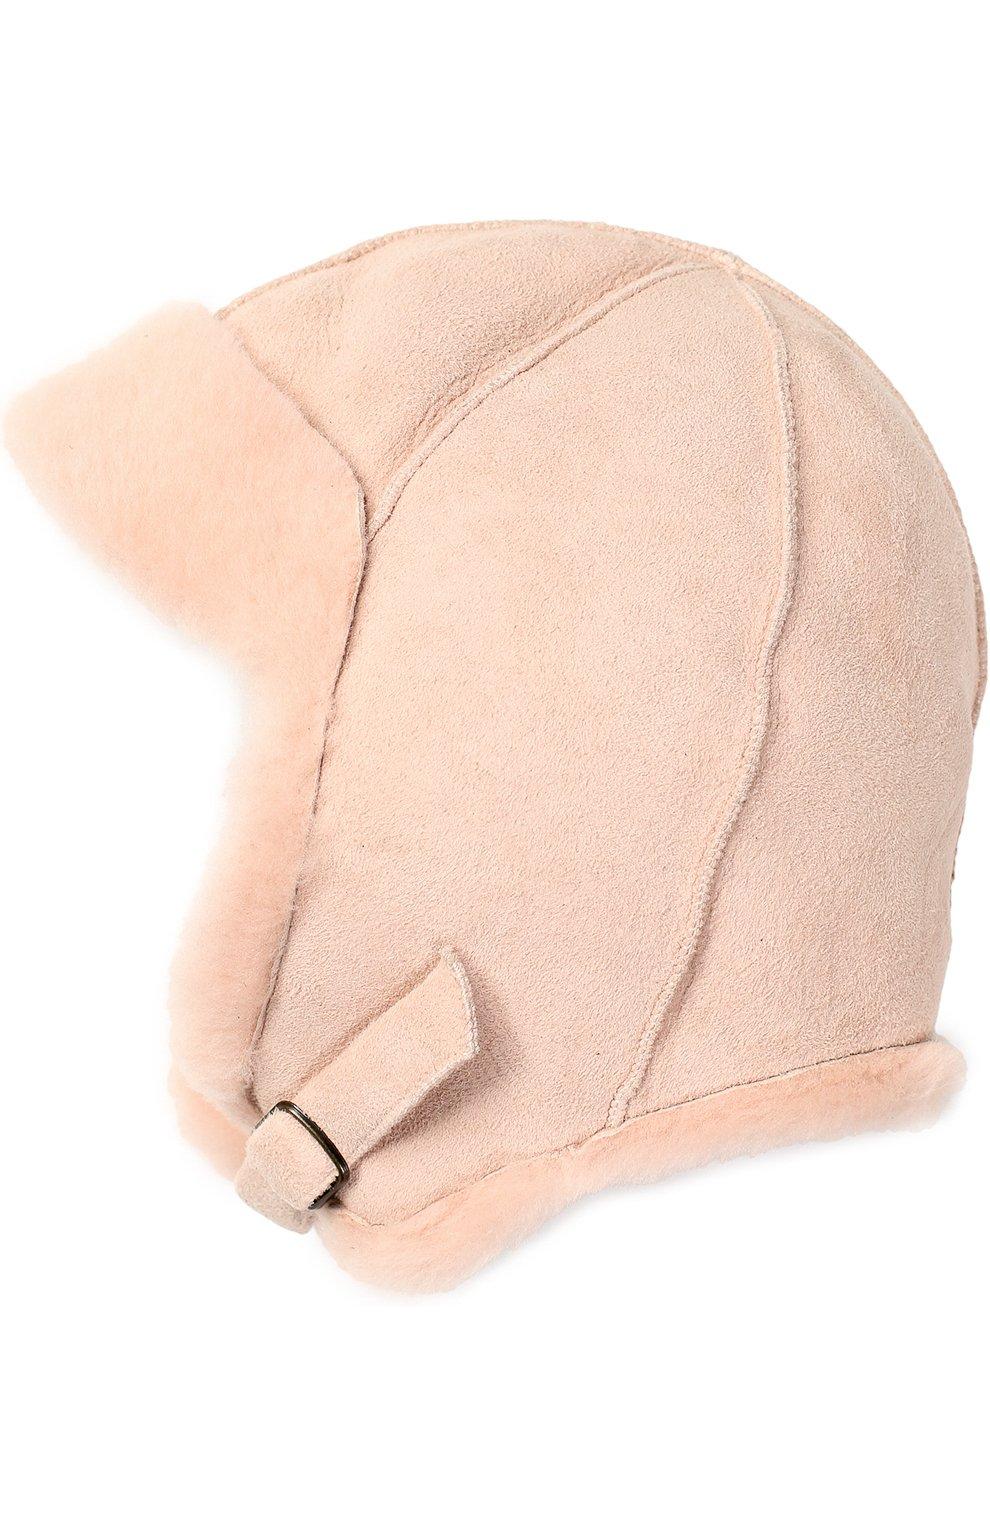 4cfe6051 Шапка из овчины PETIT NORD розового цвета — купить за 8195 руб. в ...